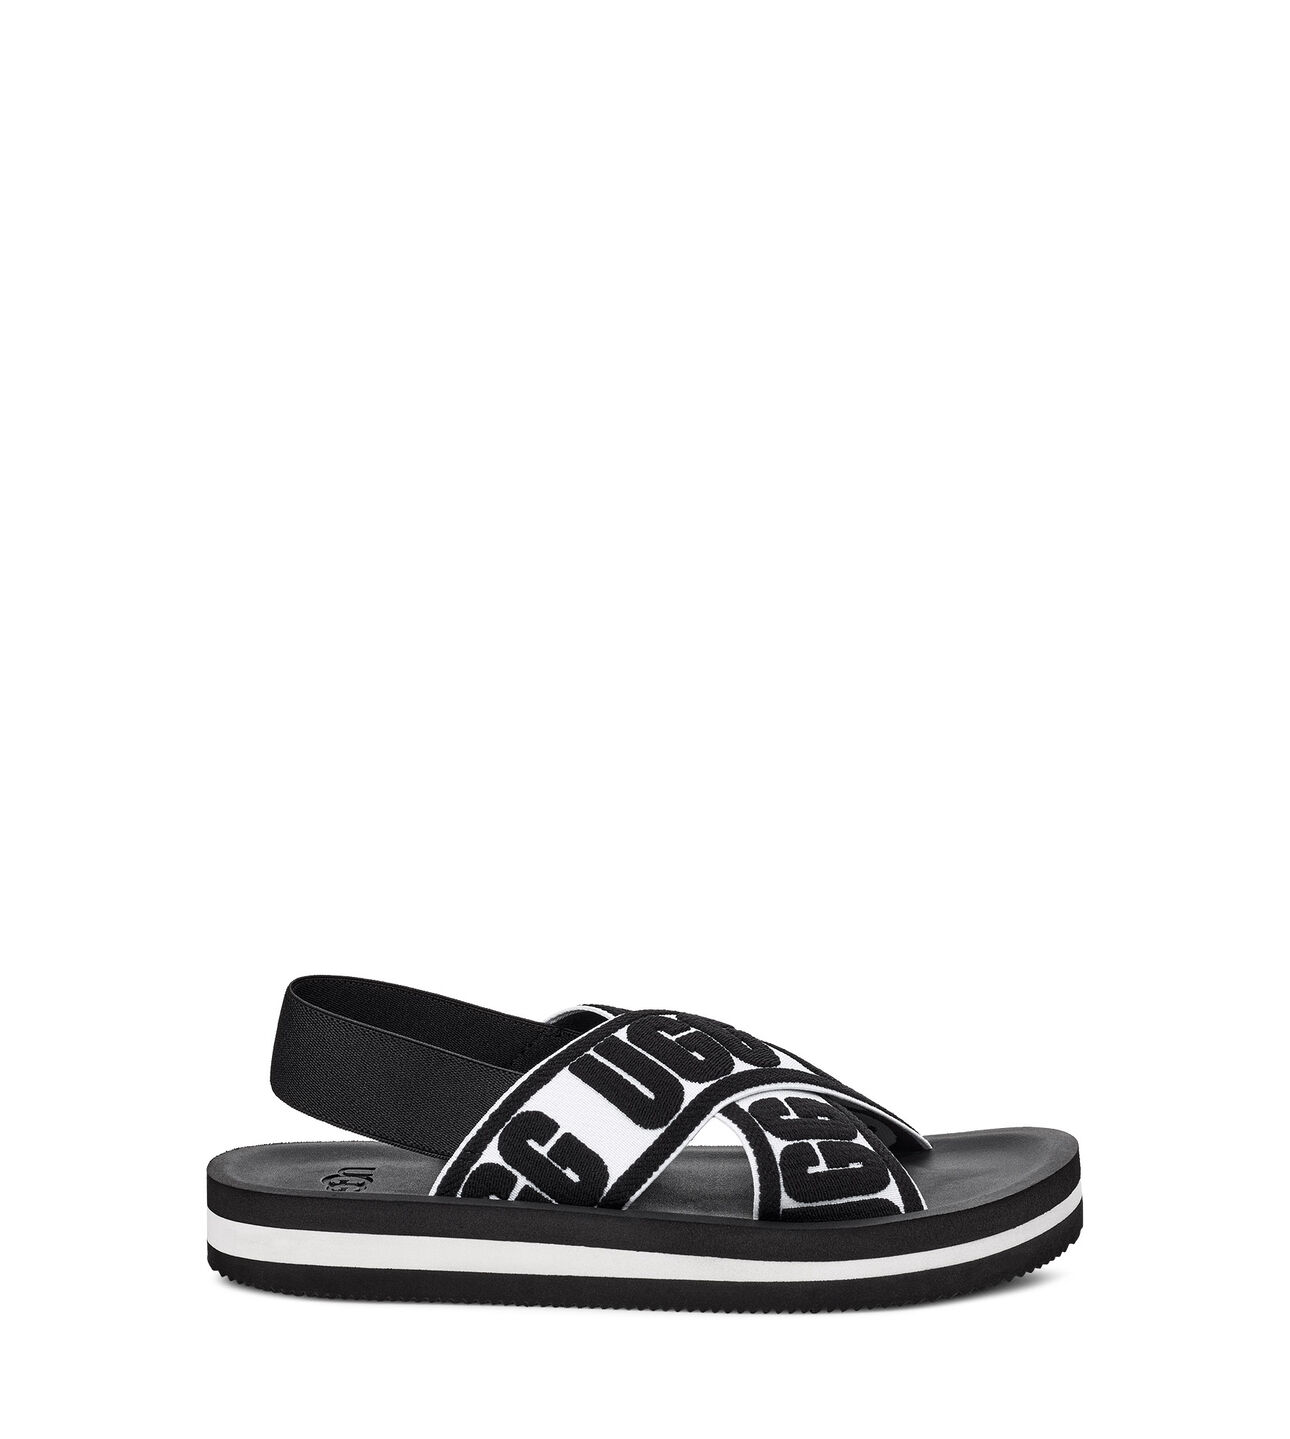 961c996a33a4 Women s Marmont Graphic Sandal